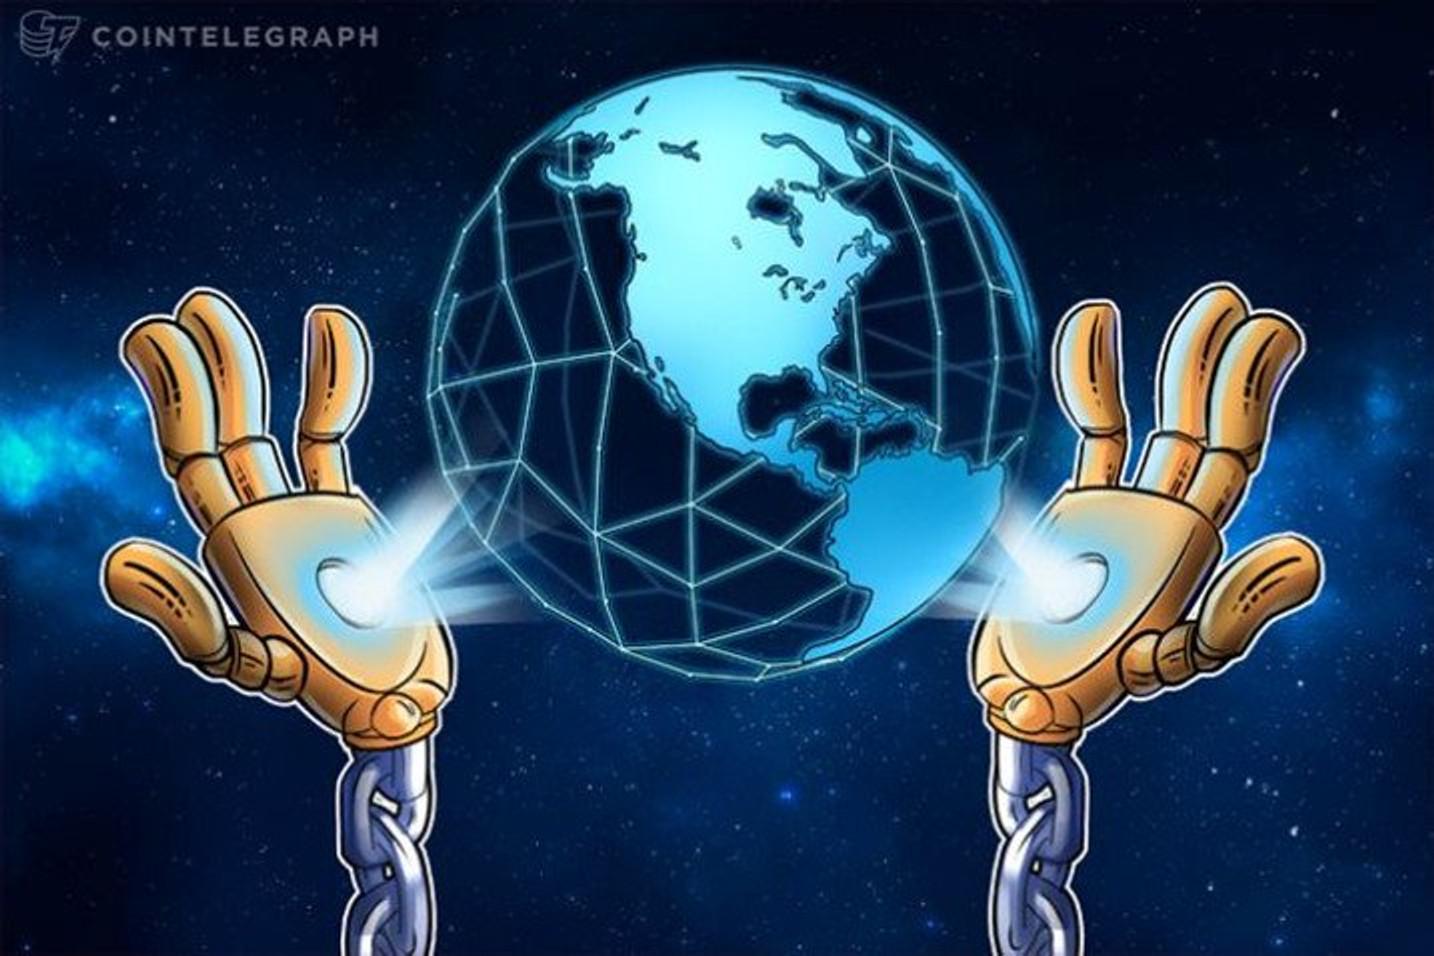 Mercado Bitcoin abre vaga de emprego para Trader e Digisystem está com 380 vagas abertas em TI